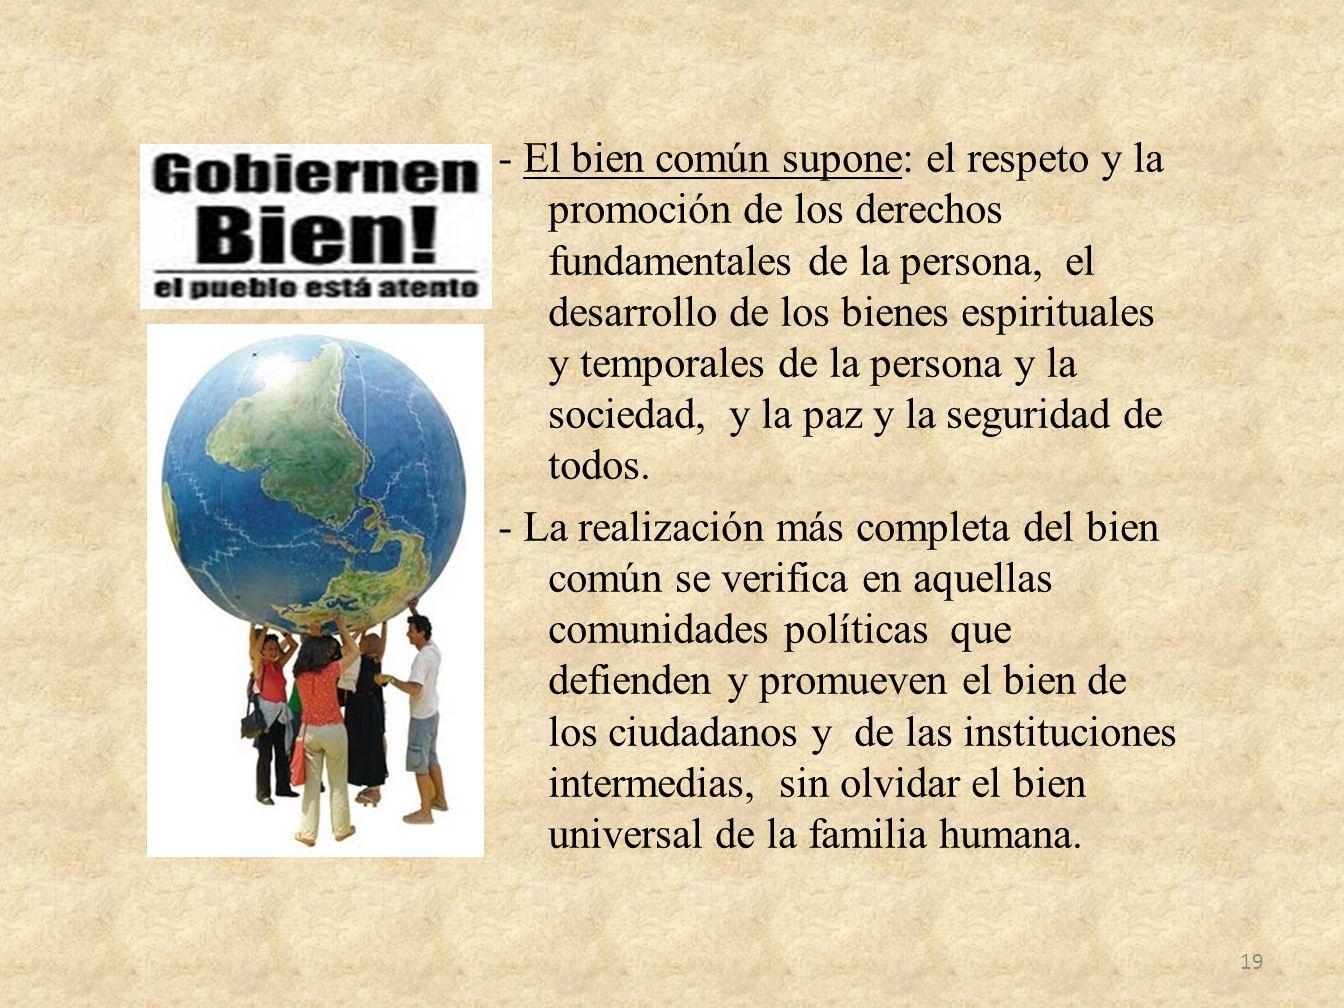 - El bien común supone: el respeto y la promoción de los derechos fundamentales de la persona, el desarrollo de los bienes espirituales y temporales d